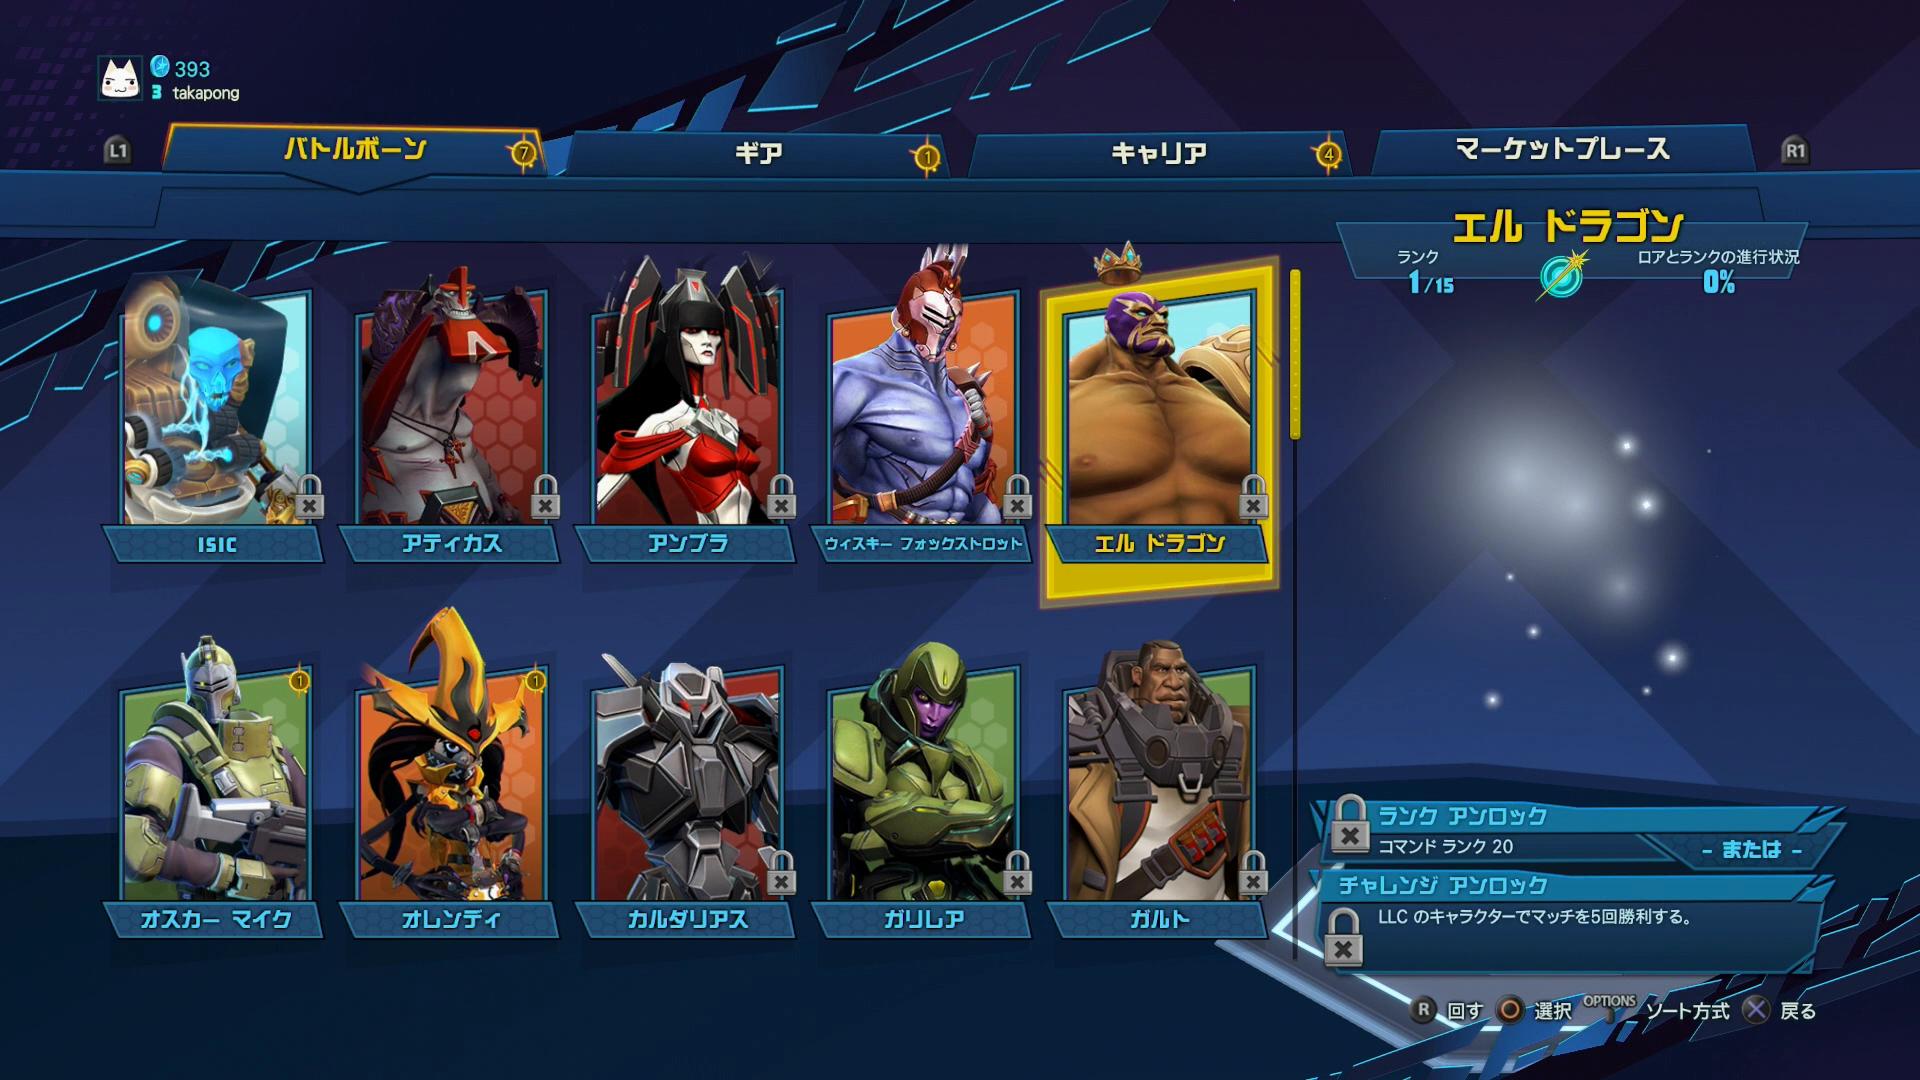 25人の多彩なキャラクターが登場する。キャラクターをアンロックさせていくのが大きなプレイのモチベーションとなる